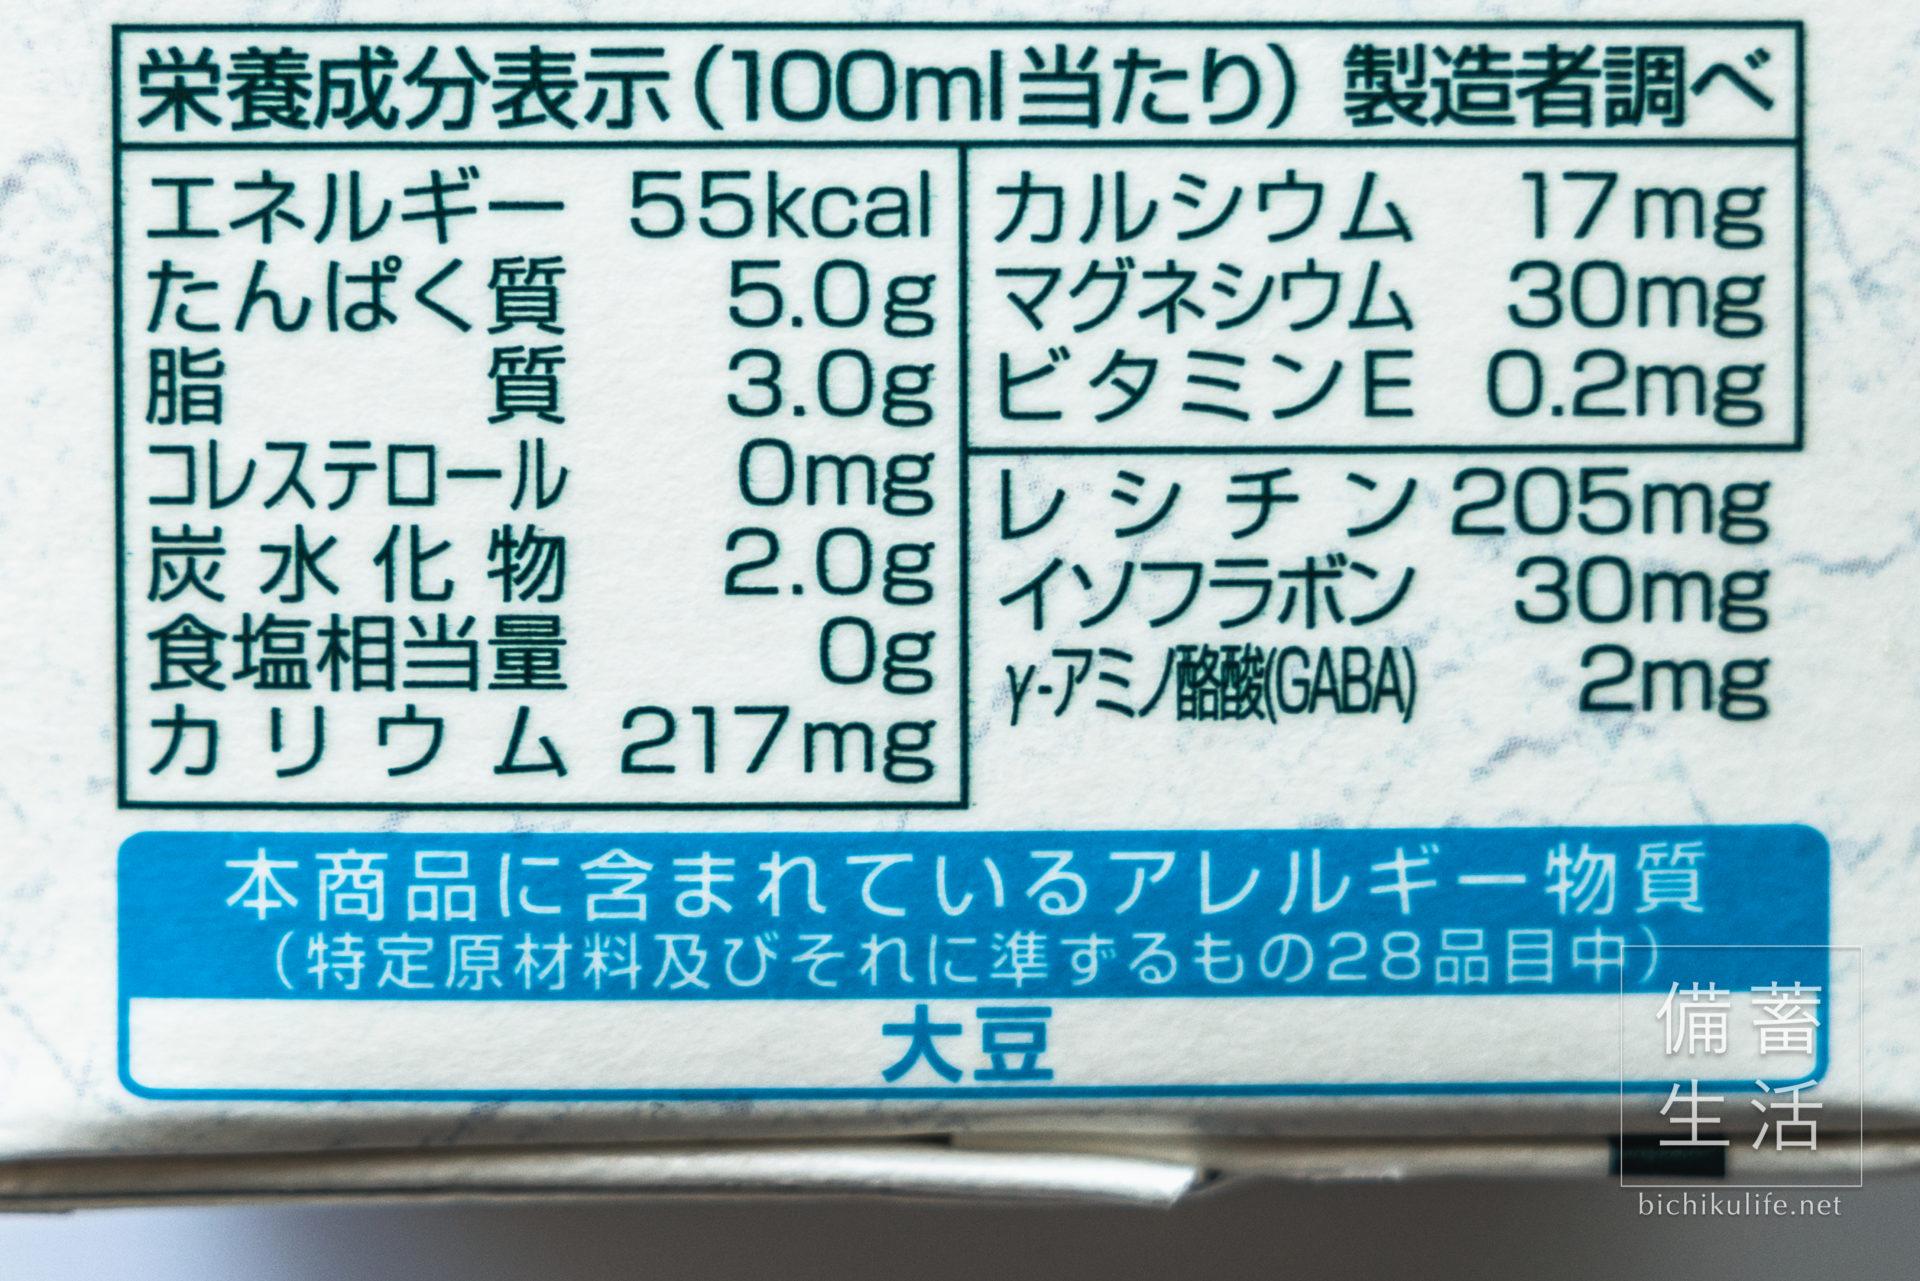 スジャータめいらく 無調整 有機豆乳 栄養成分表示